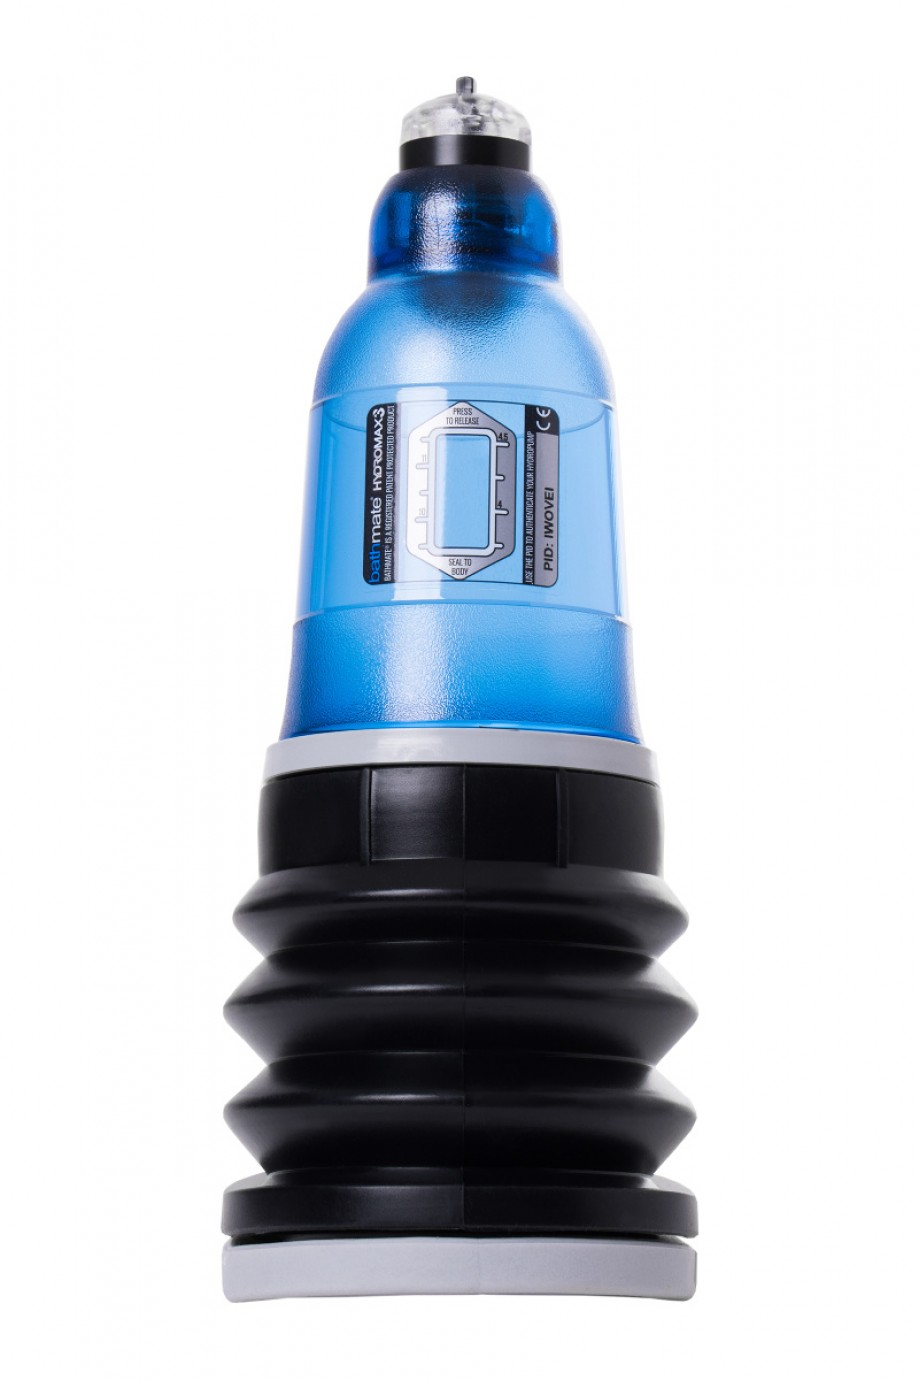 Гидропомпа Bathmate HYDROMAX3, голубая